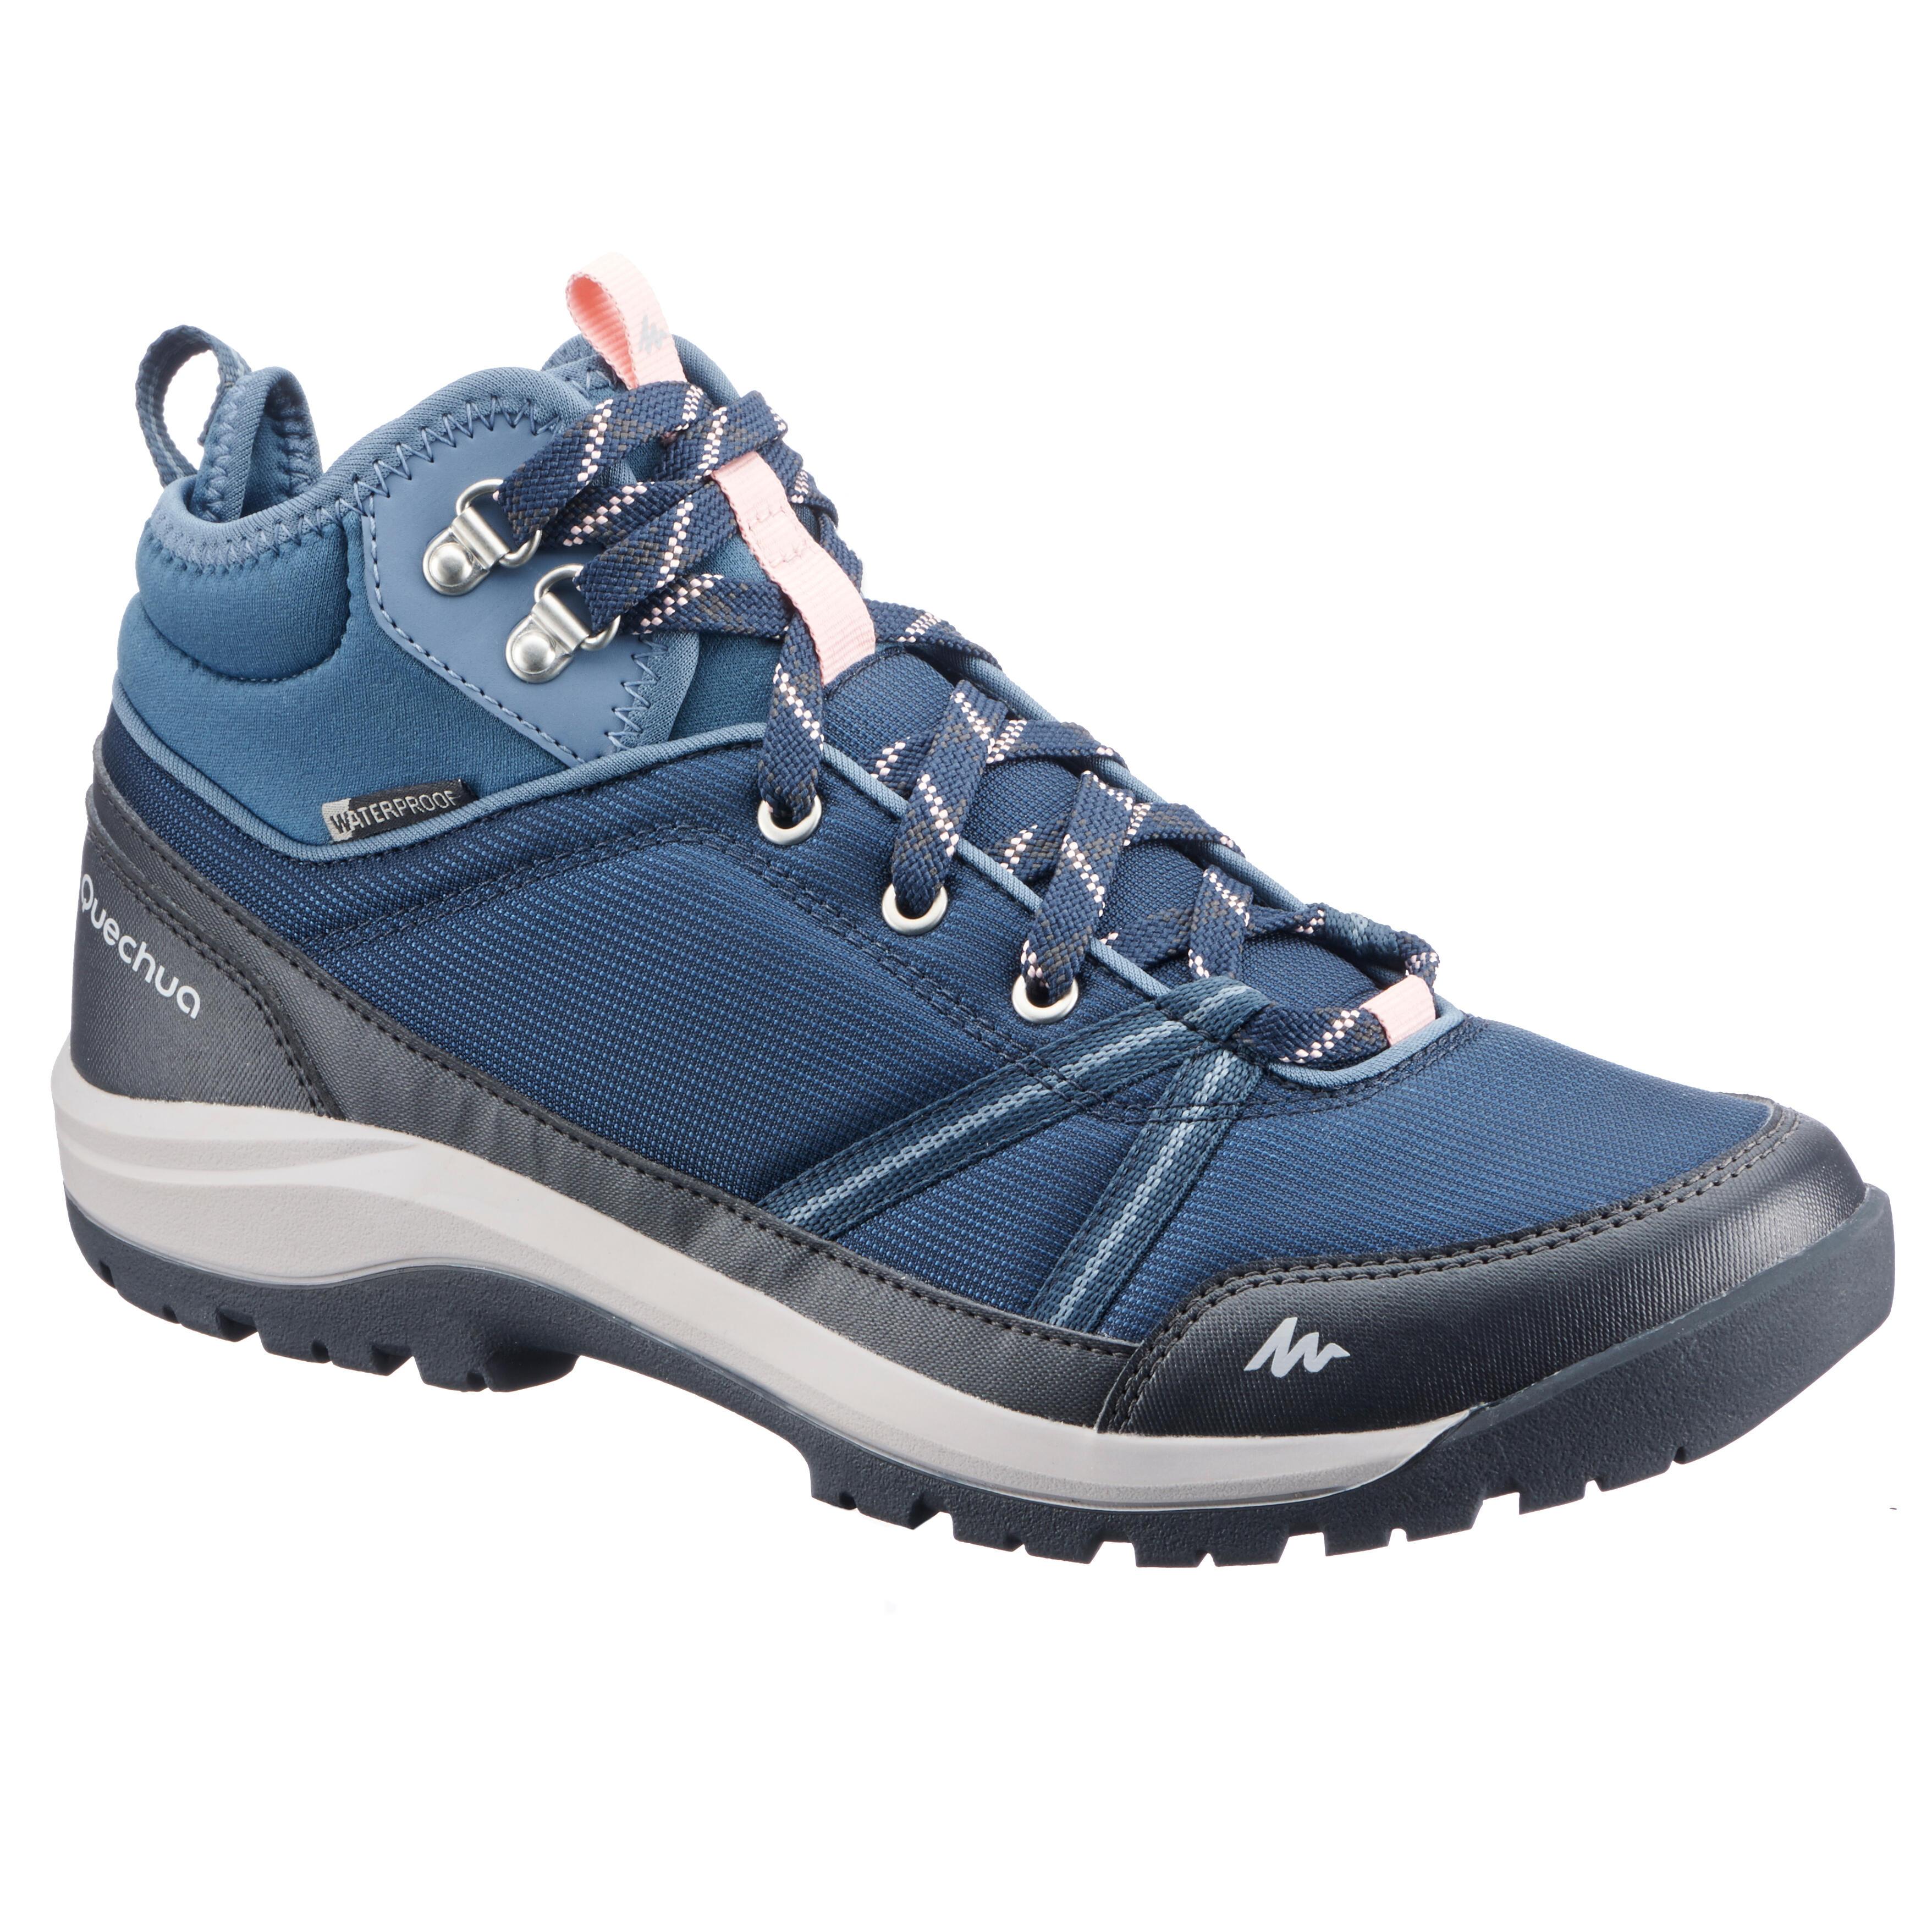 Quechua Schoenen voor wandelen in de natuur NH150 mid Protect blauw dames